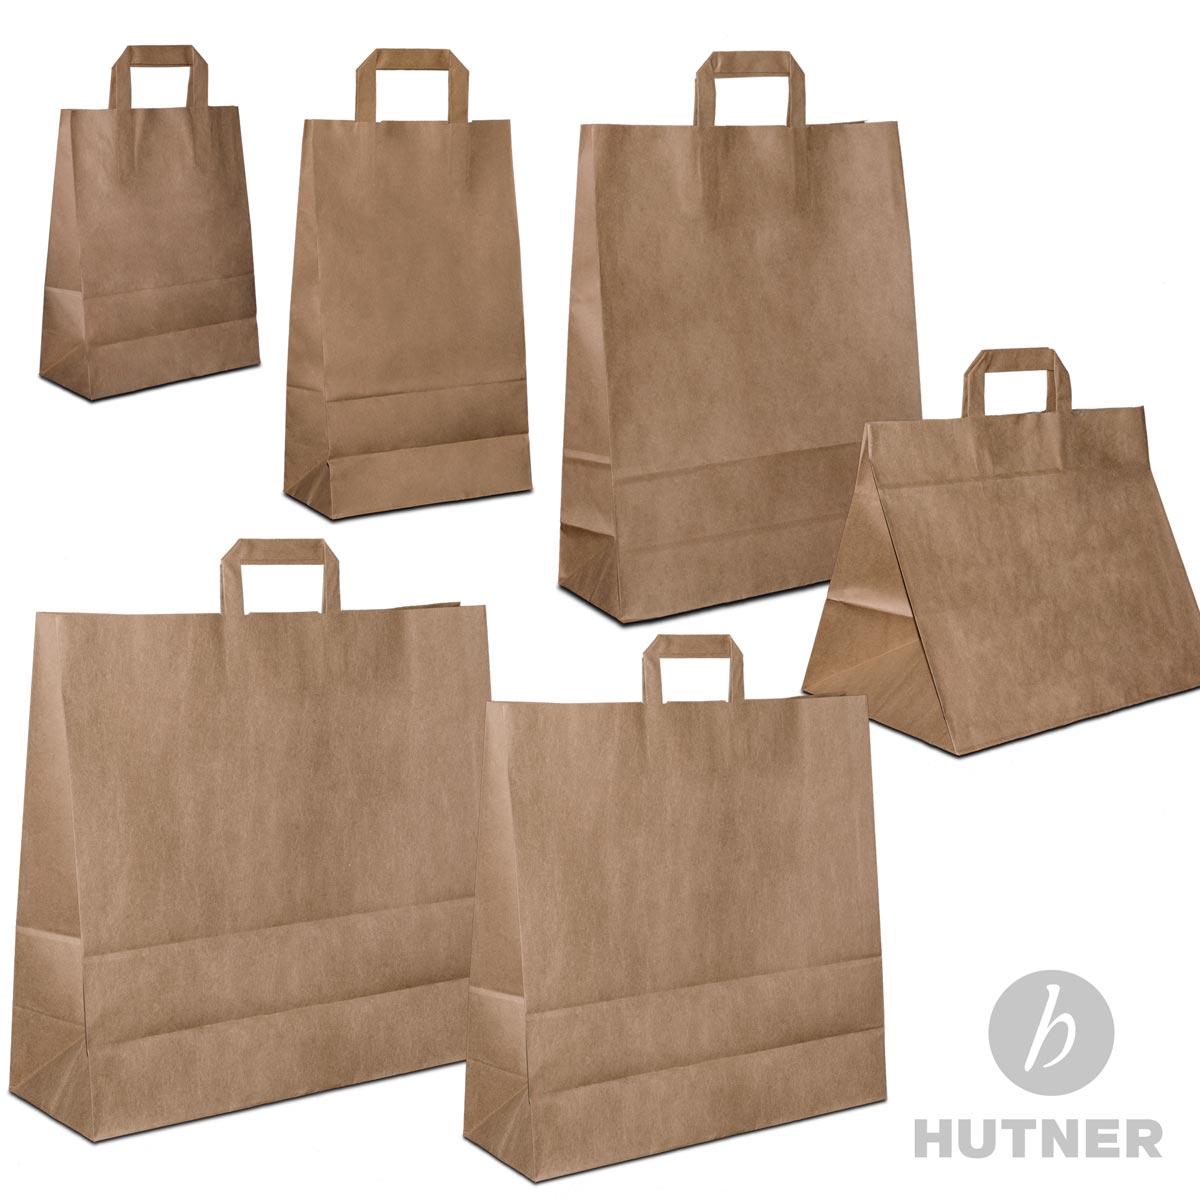 hutner papiert ten braun flachhenkel papiertragetaschen papiertaschen klein gro ebay. Black Bedroom Furniture Sets. Home Design Ideas